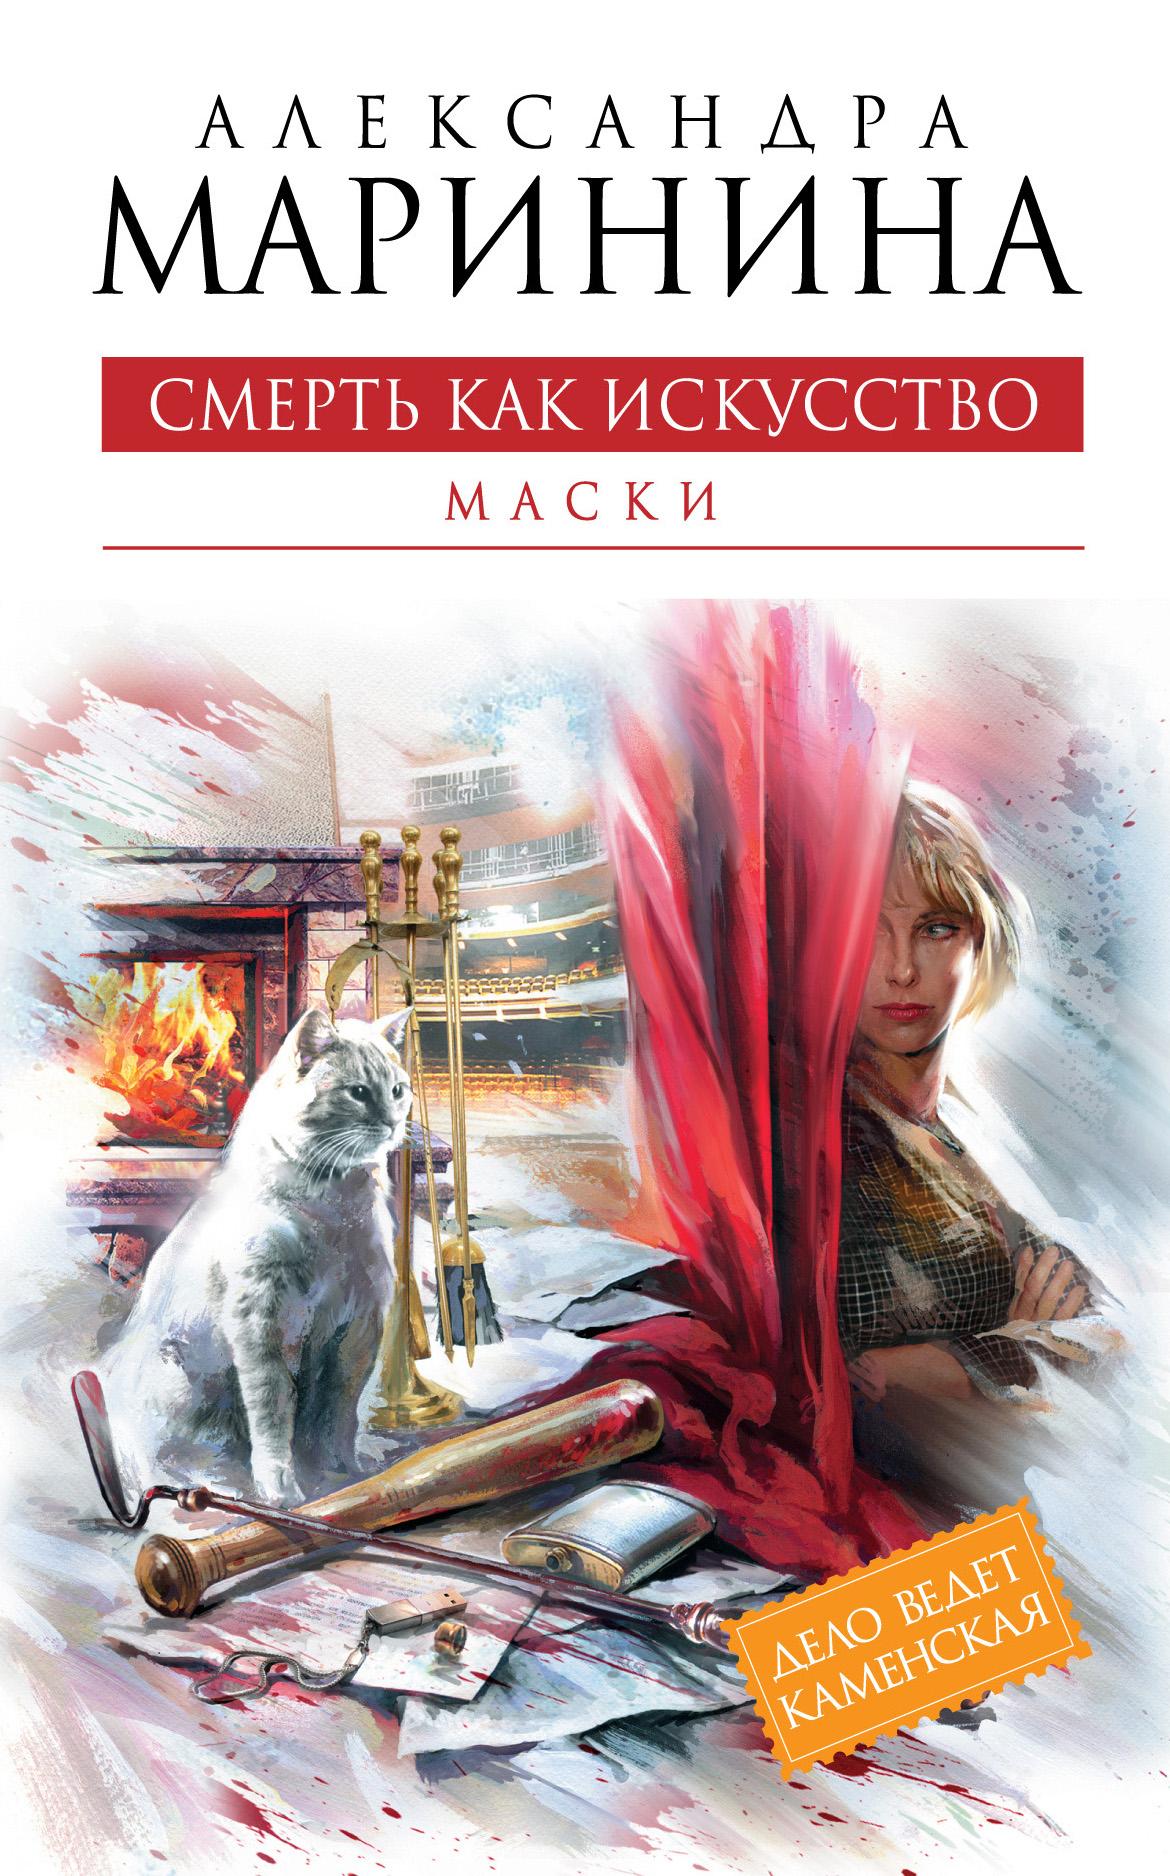 посторонней картинка для обложки книги детективы значит, военные будут